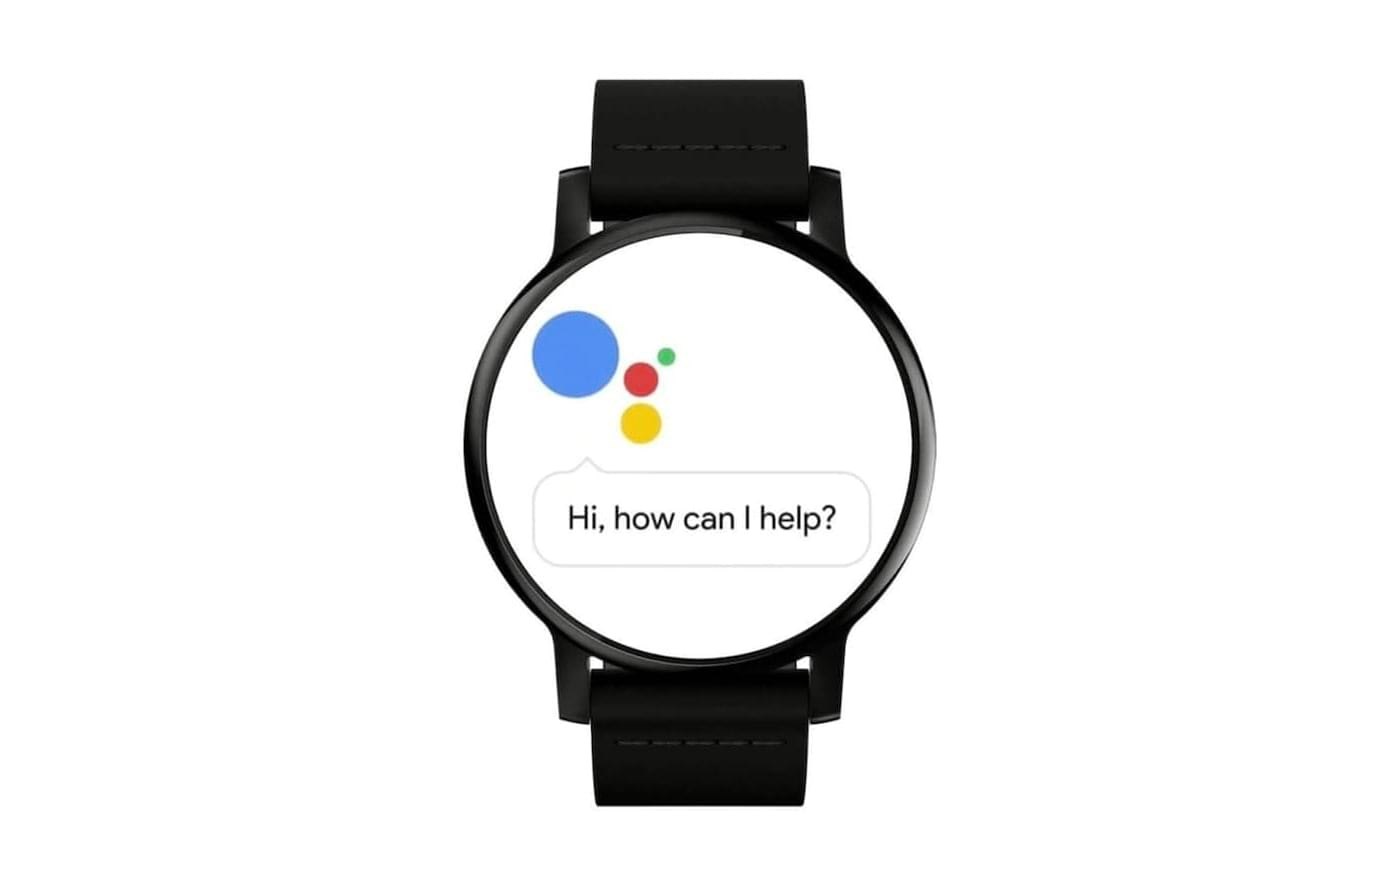 Smartwatch da Google será o primeiro com câmera embutida